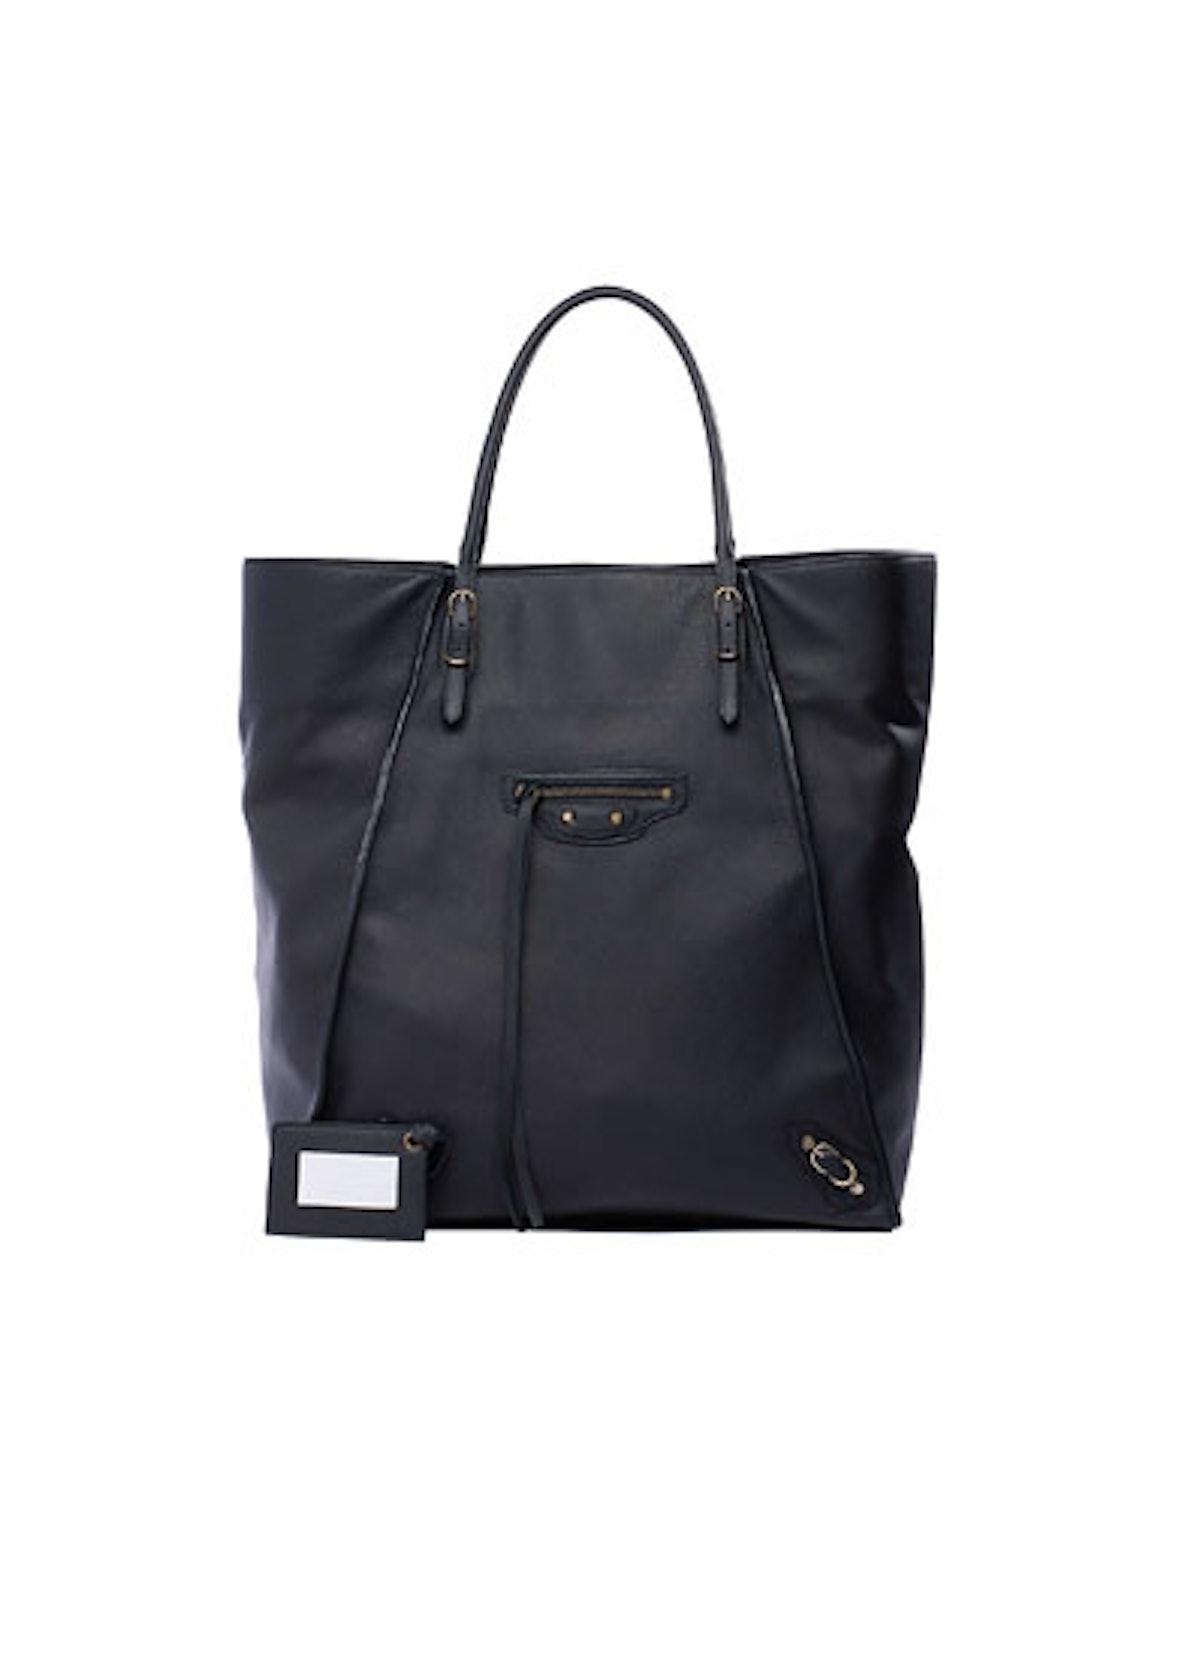 acss-designer-tote-bags-03-v.jpg